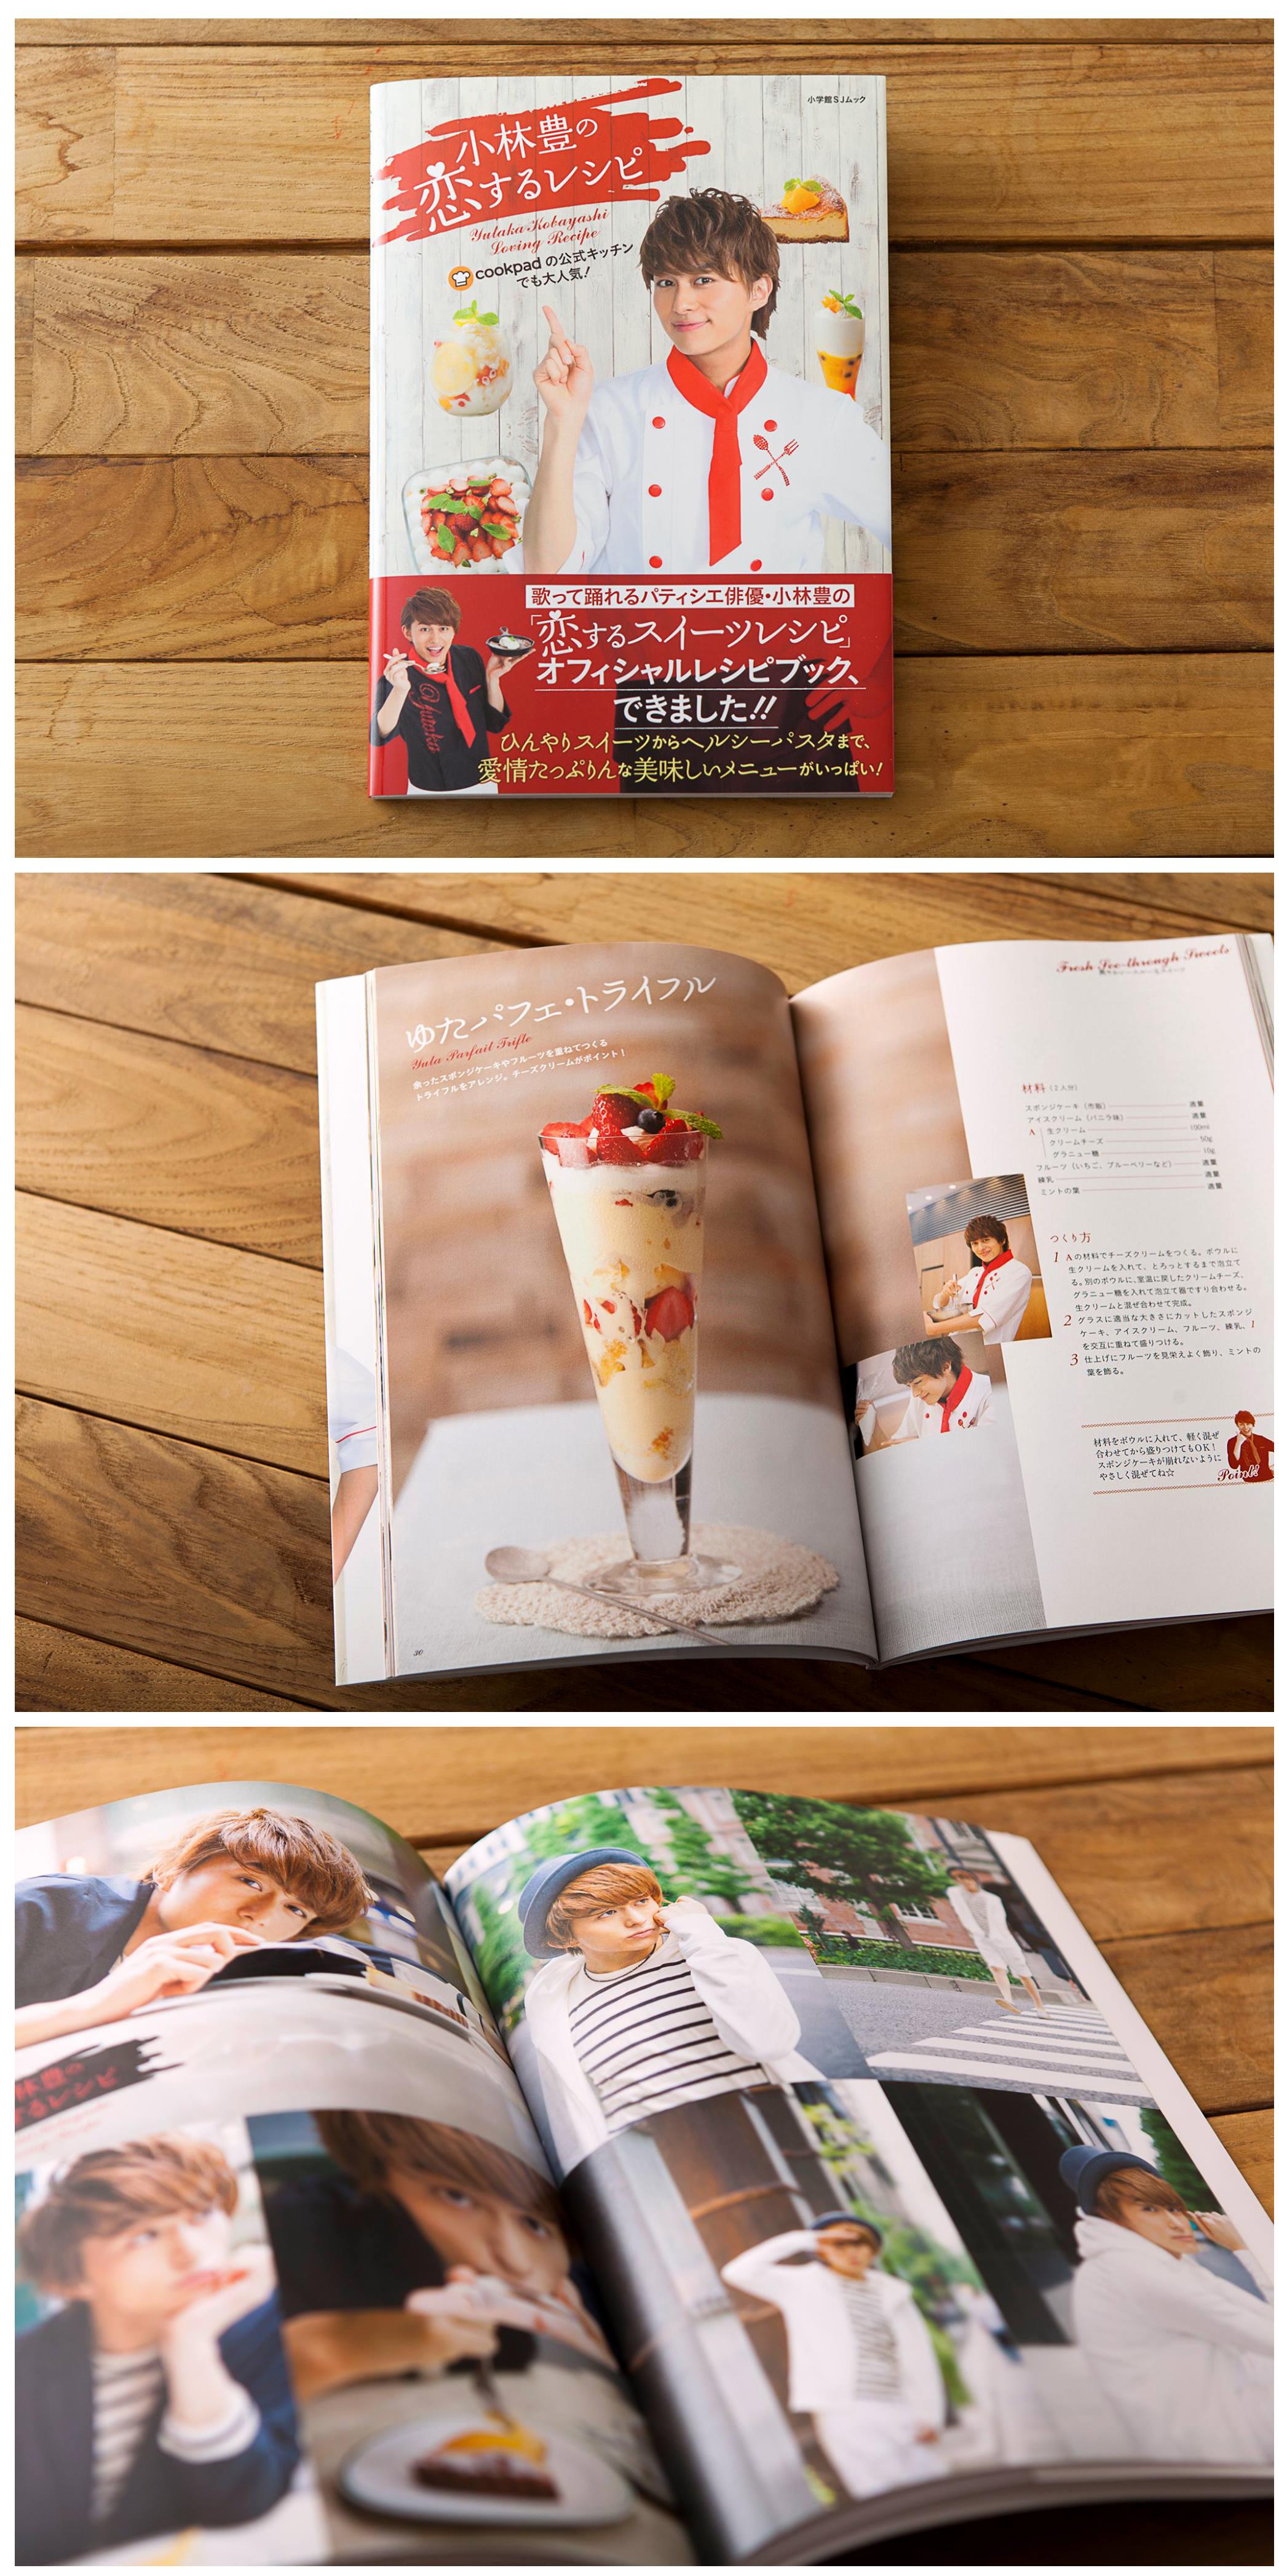 BOOK 「小林豊の恋するレシピ」